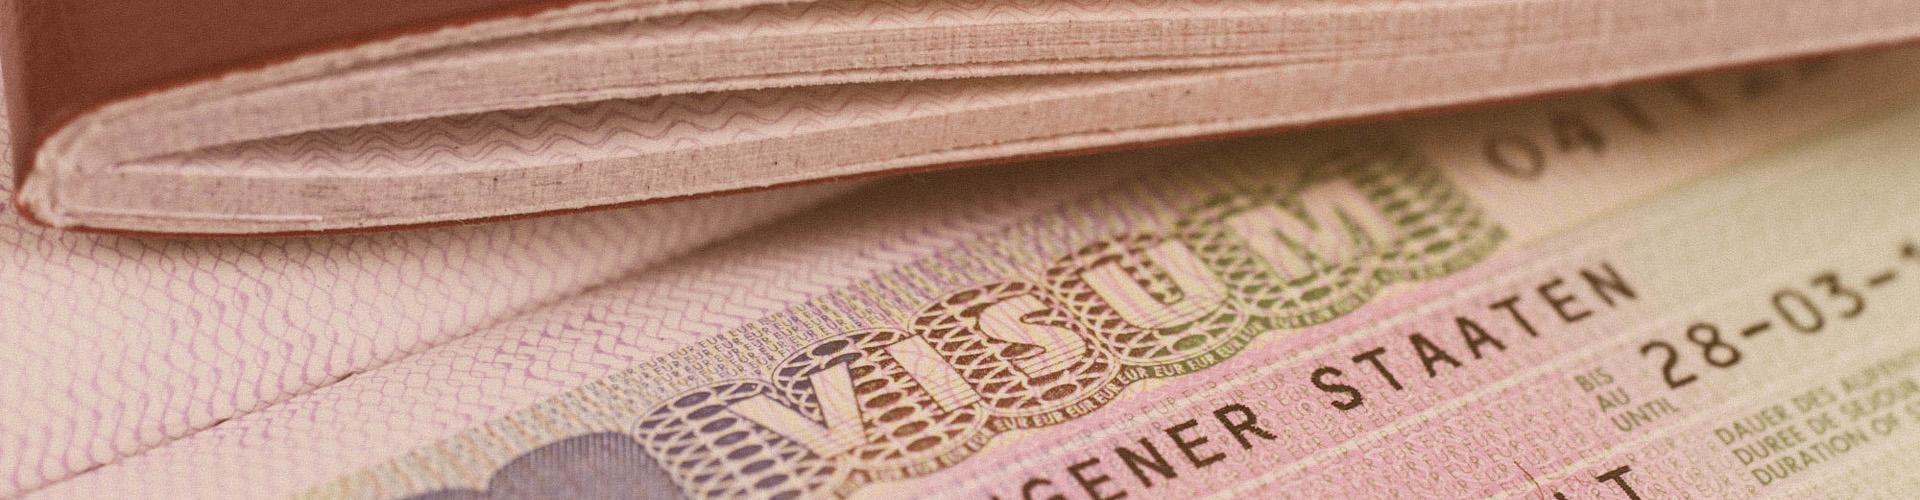 Опросный лист для стран шенгена образец заполнения